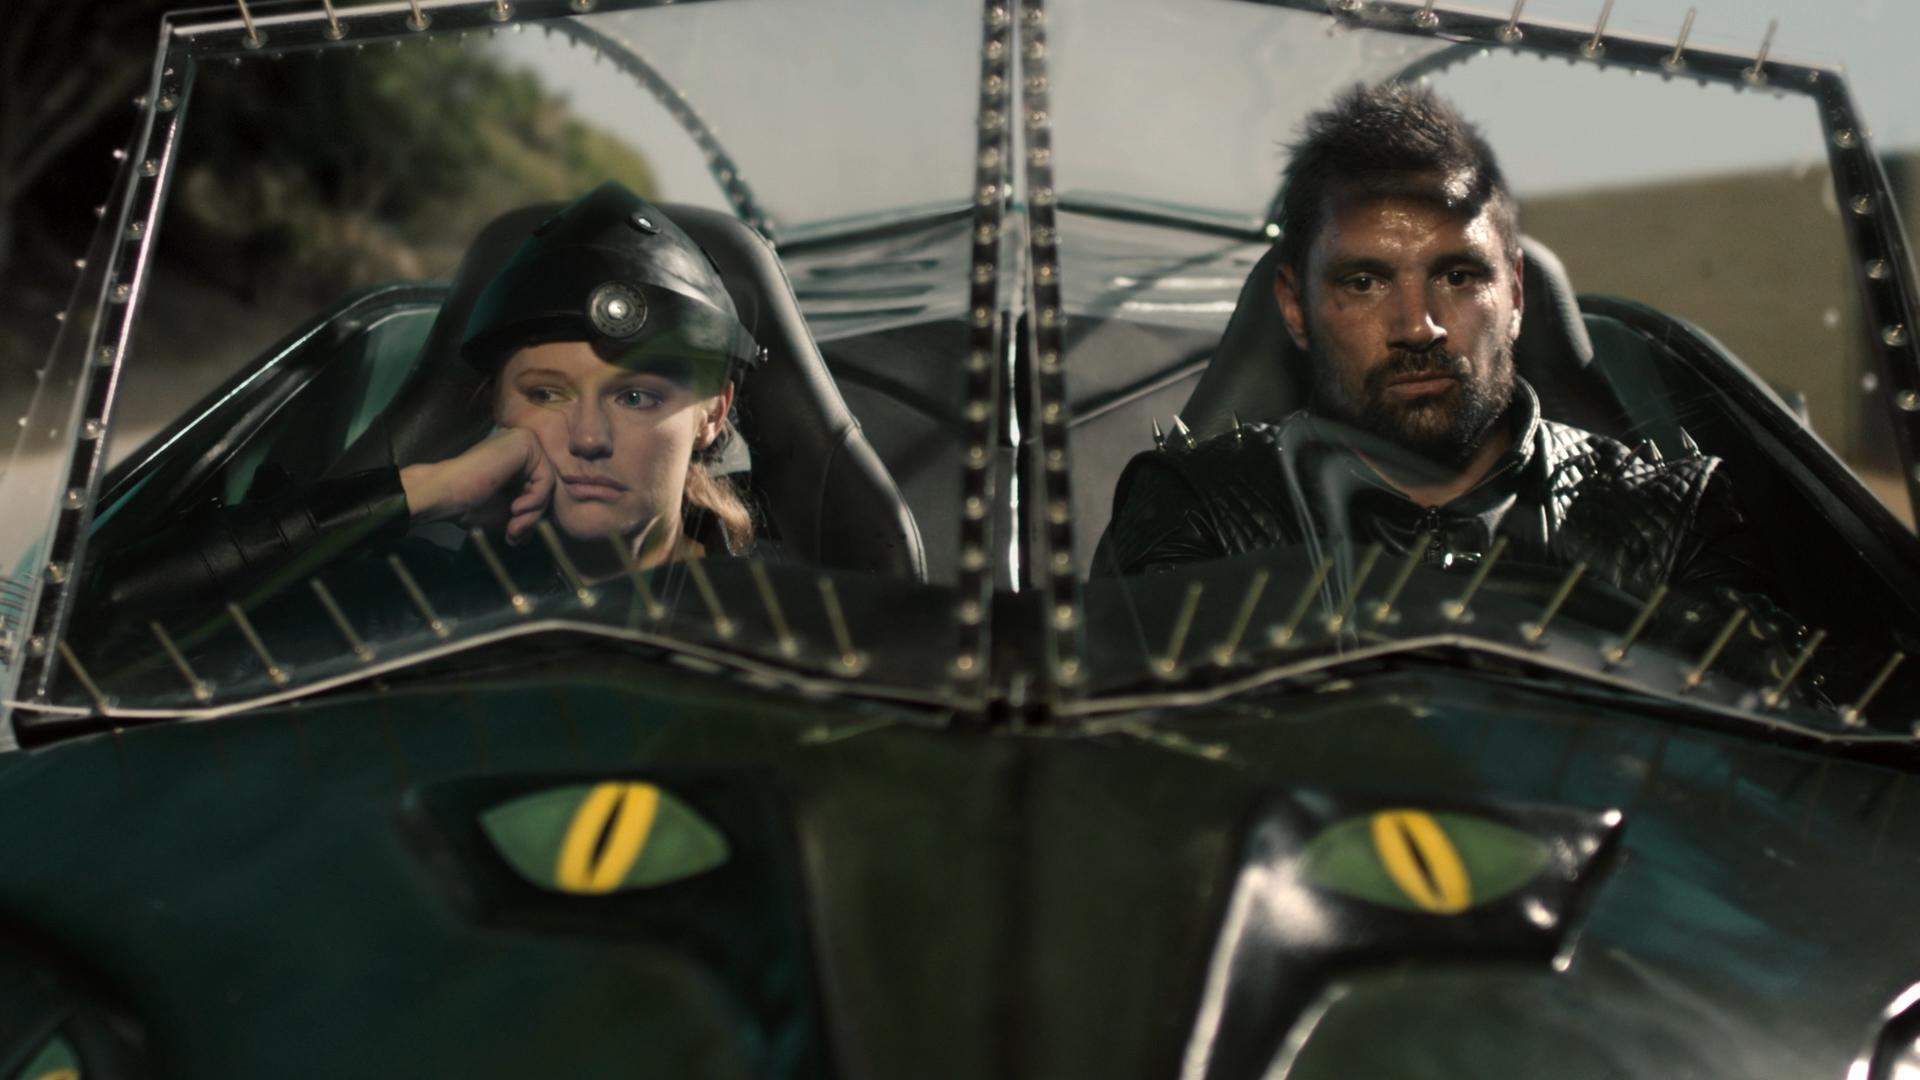 Frankenstein (Manu Bennett) and his passenger Annie Sullivan (Marci Miller) in Death Race 2050 (2017)